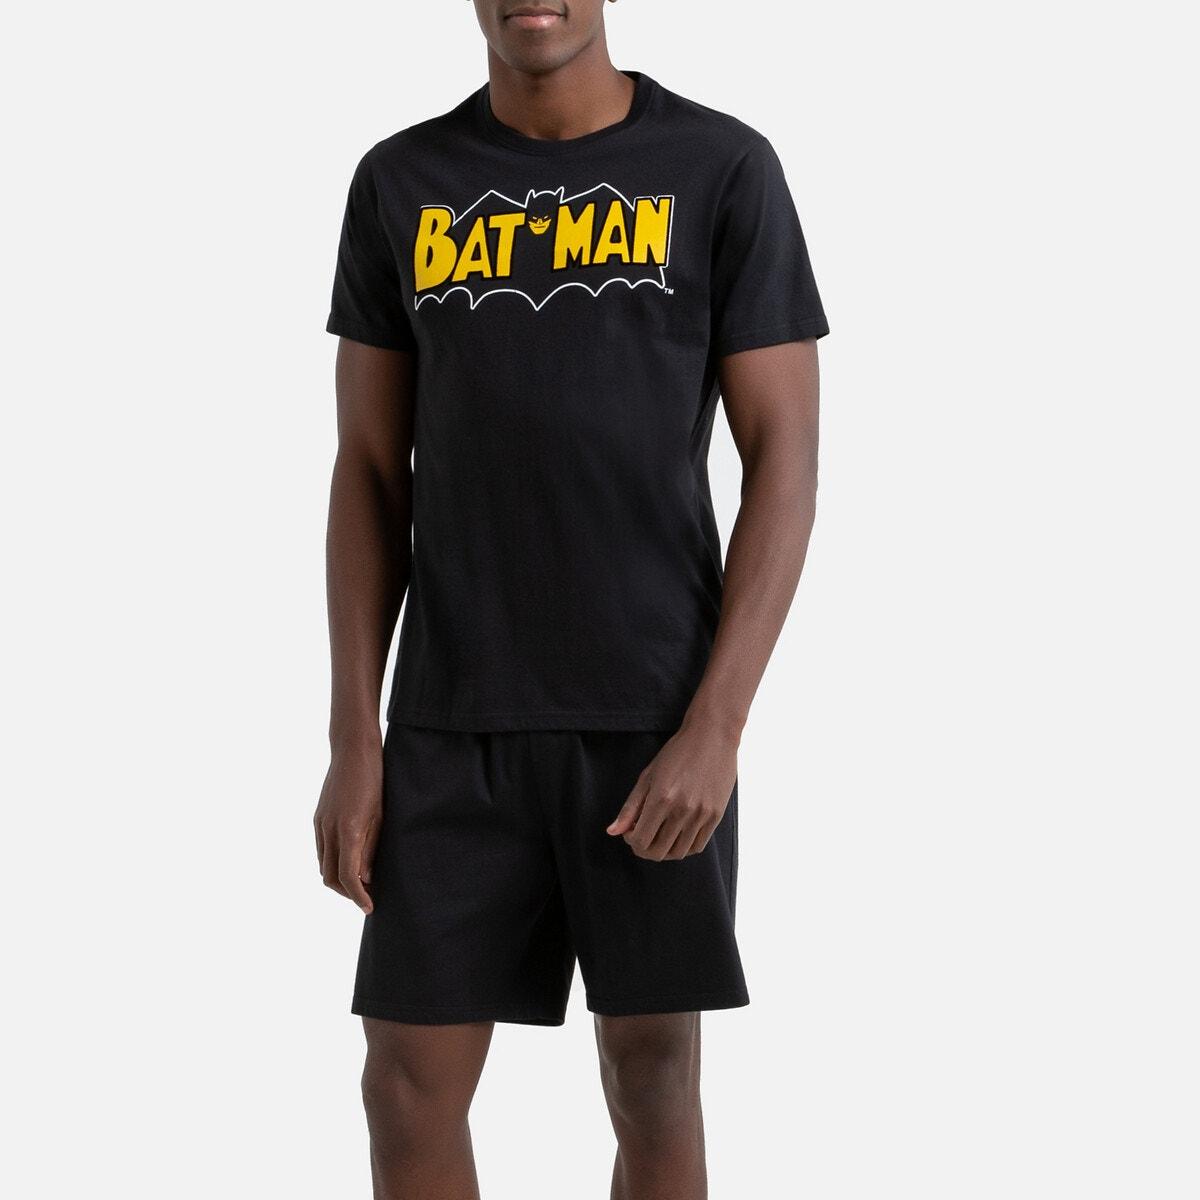 Batman - Πιτζάμα με σορτς 350178465 - 6527